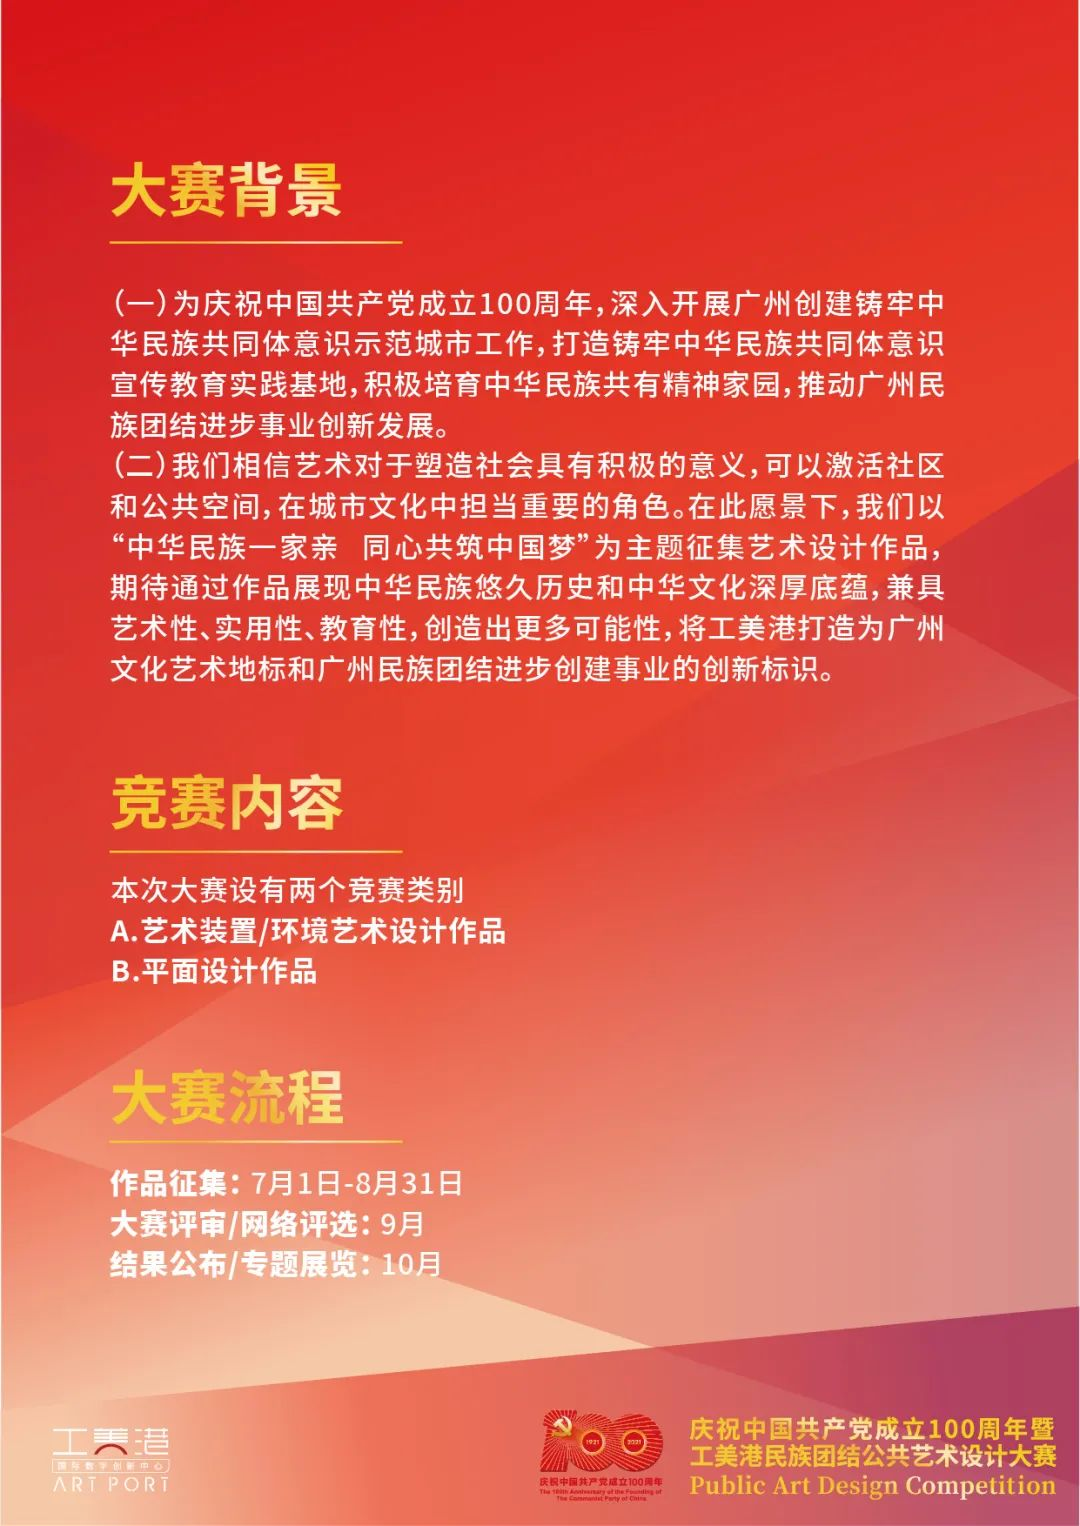 2021慶祝中國共產黨成立100週年暨工美港民族團結公共藝術設計大賽